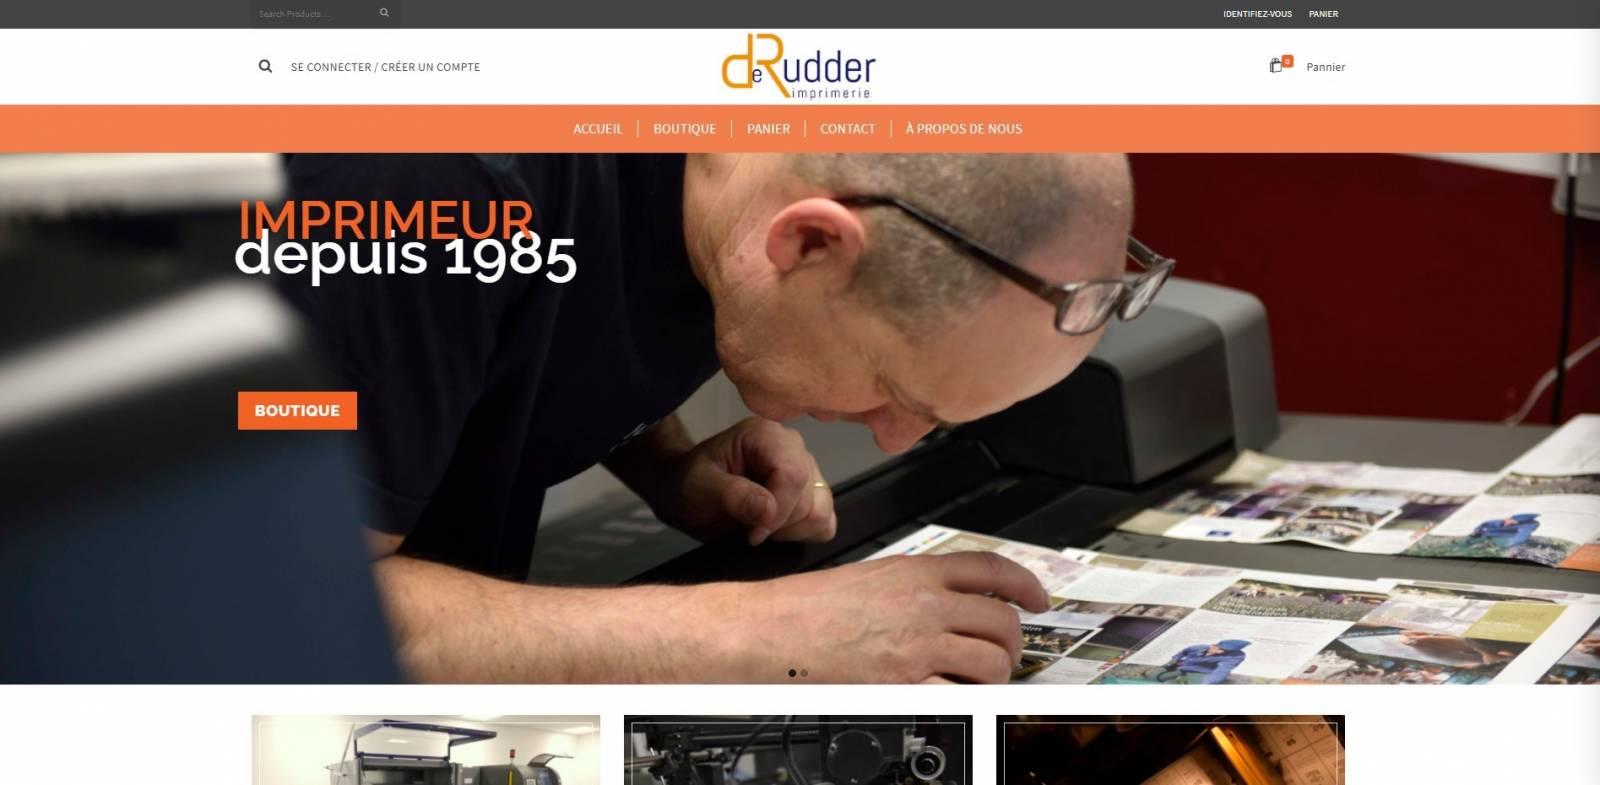 Imprimeur spécialiste en web to print près d'Avignon Vaucluse